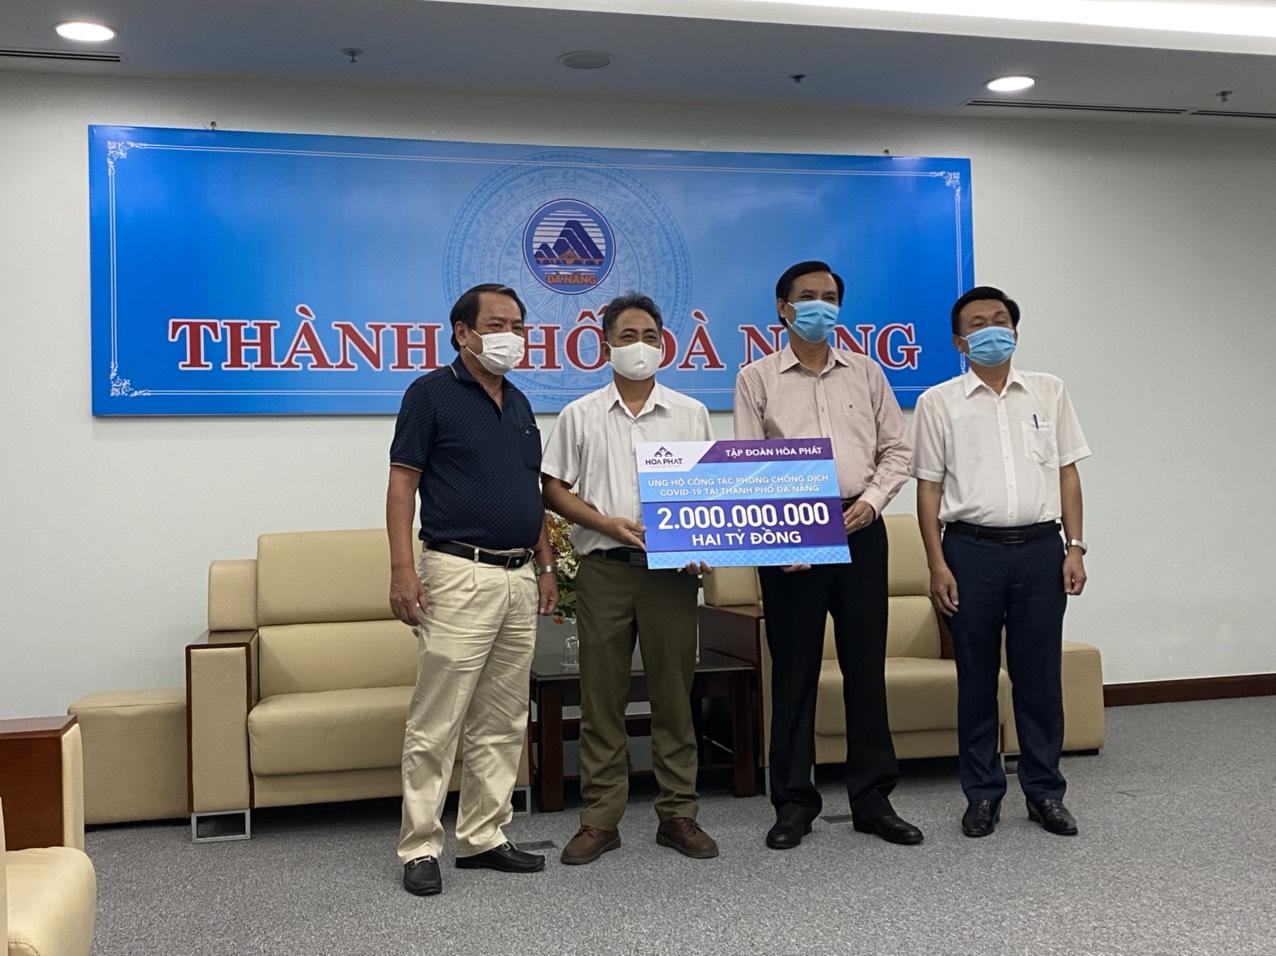 Hòa Phát ủng hộ 6 tỉ đồng cho Đà Nẵng, Quảng Nam, Quảng Ngãi chống dịch - Ảnh 1.